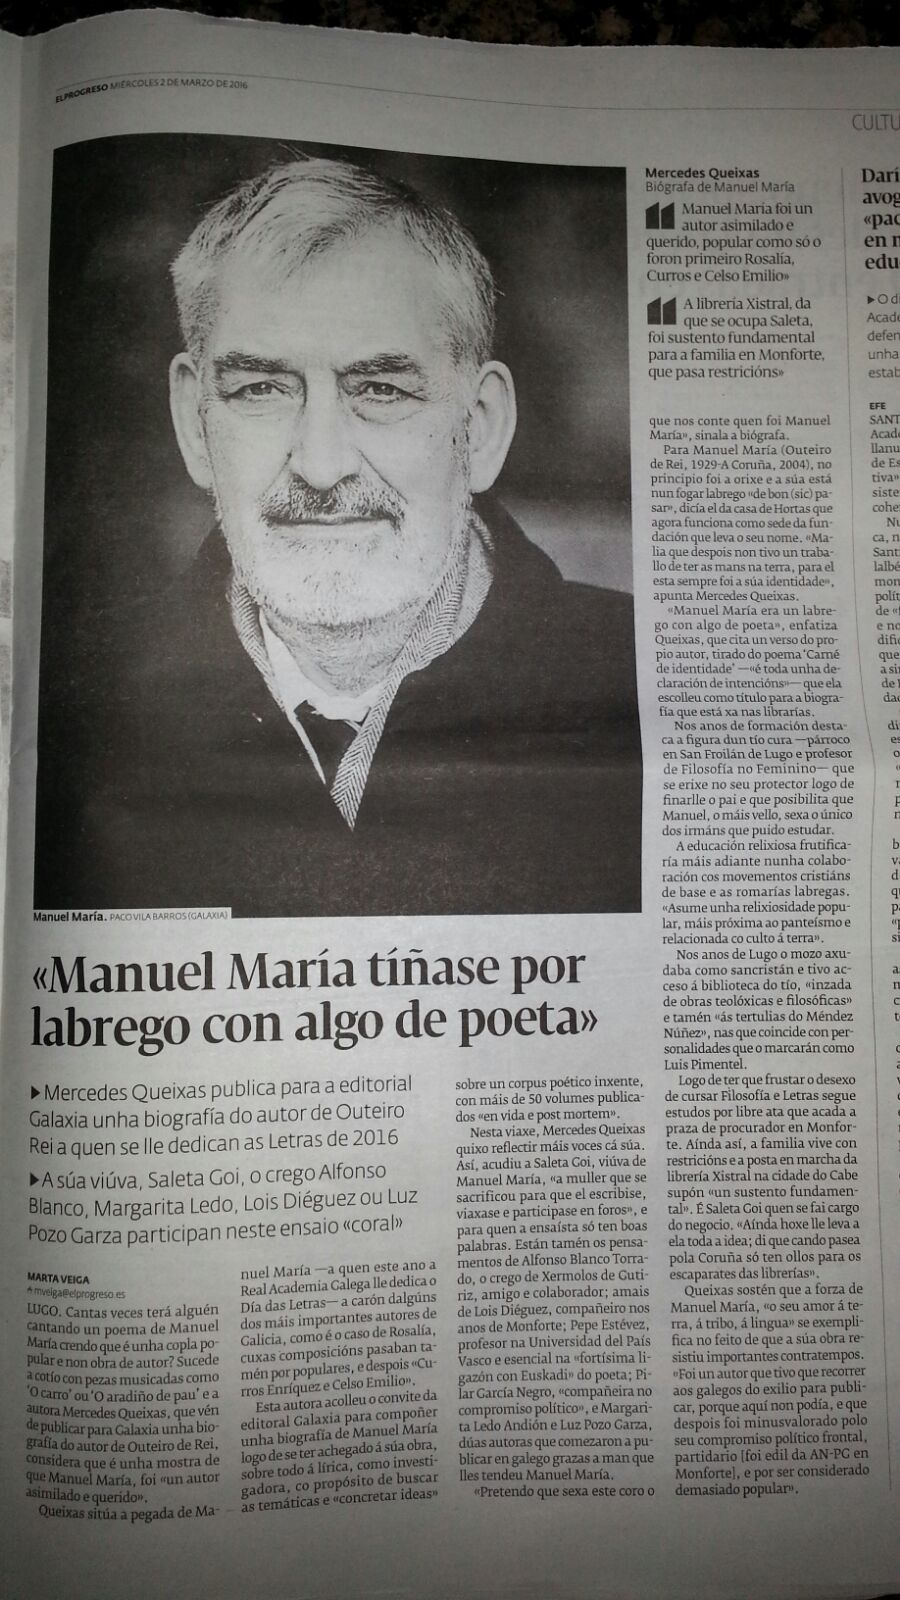 Mercedes Queixas sobre Manuel María